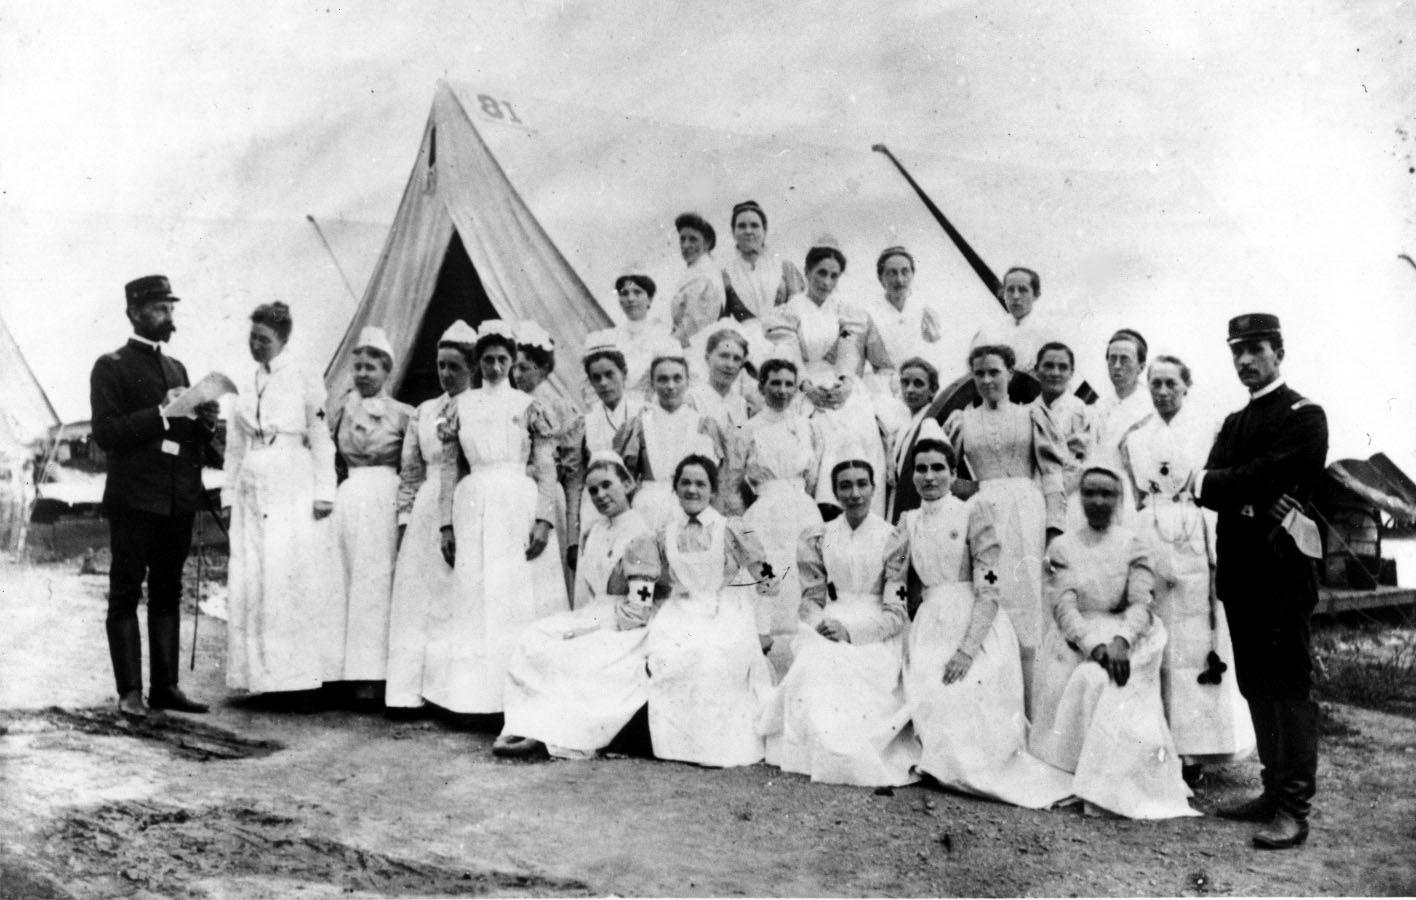 Enfermeras neoyorquinas del Sternberg General Hospital, Camp Thomas, Chickamauga, Georgia durante la Guerra España-Estados Unidos (1898)